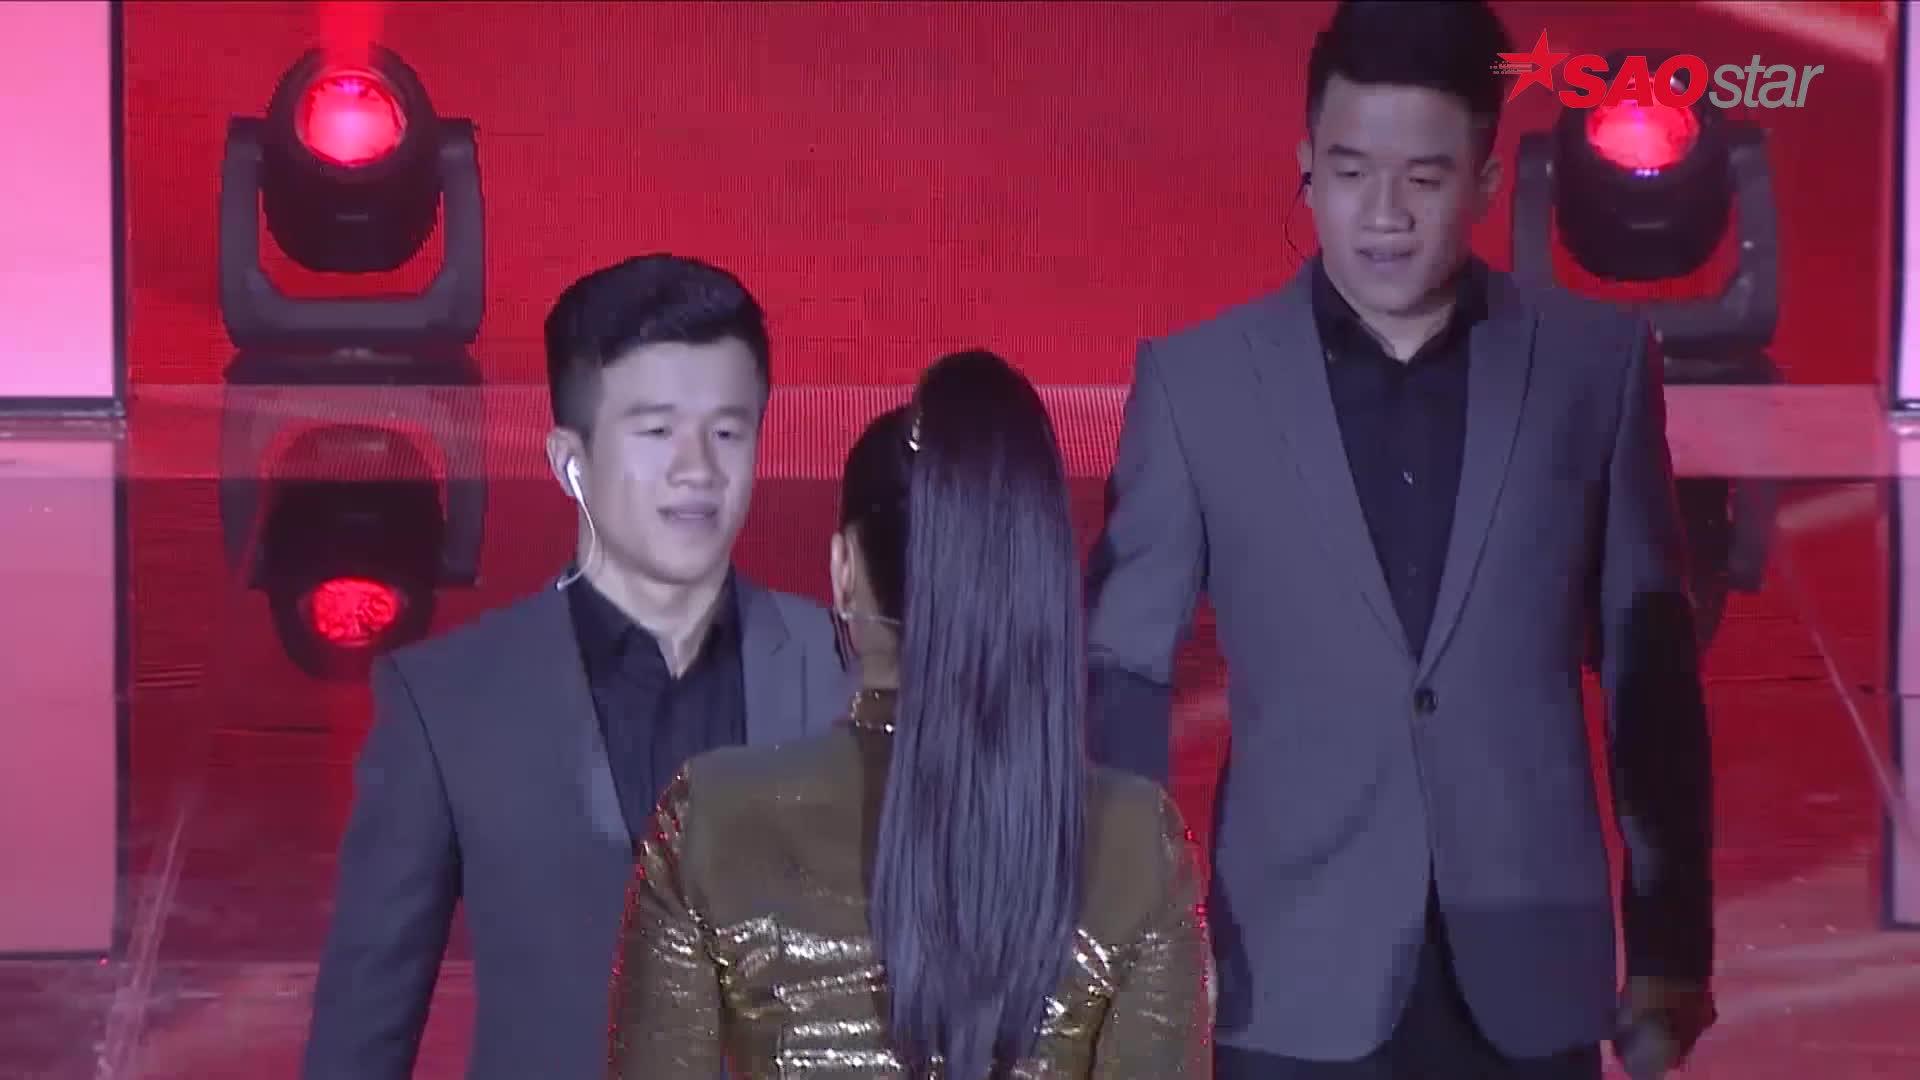 Hát hit khủng của Phan Mạnh Quỳnh, Ali Hoàng Dương cùng cặp sinh đôi làm tan chảy cả khán phòng